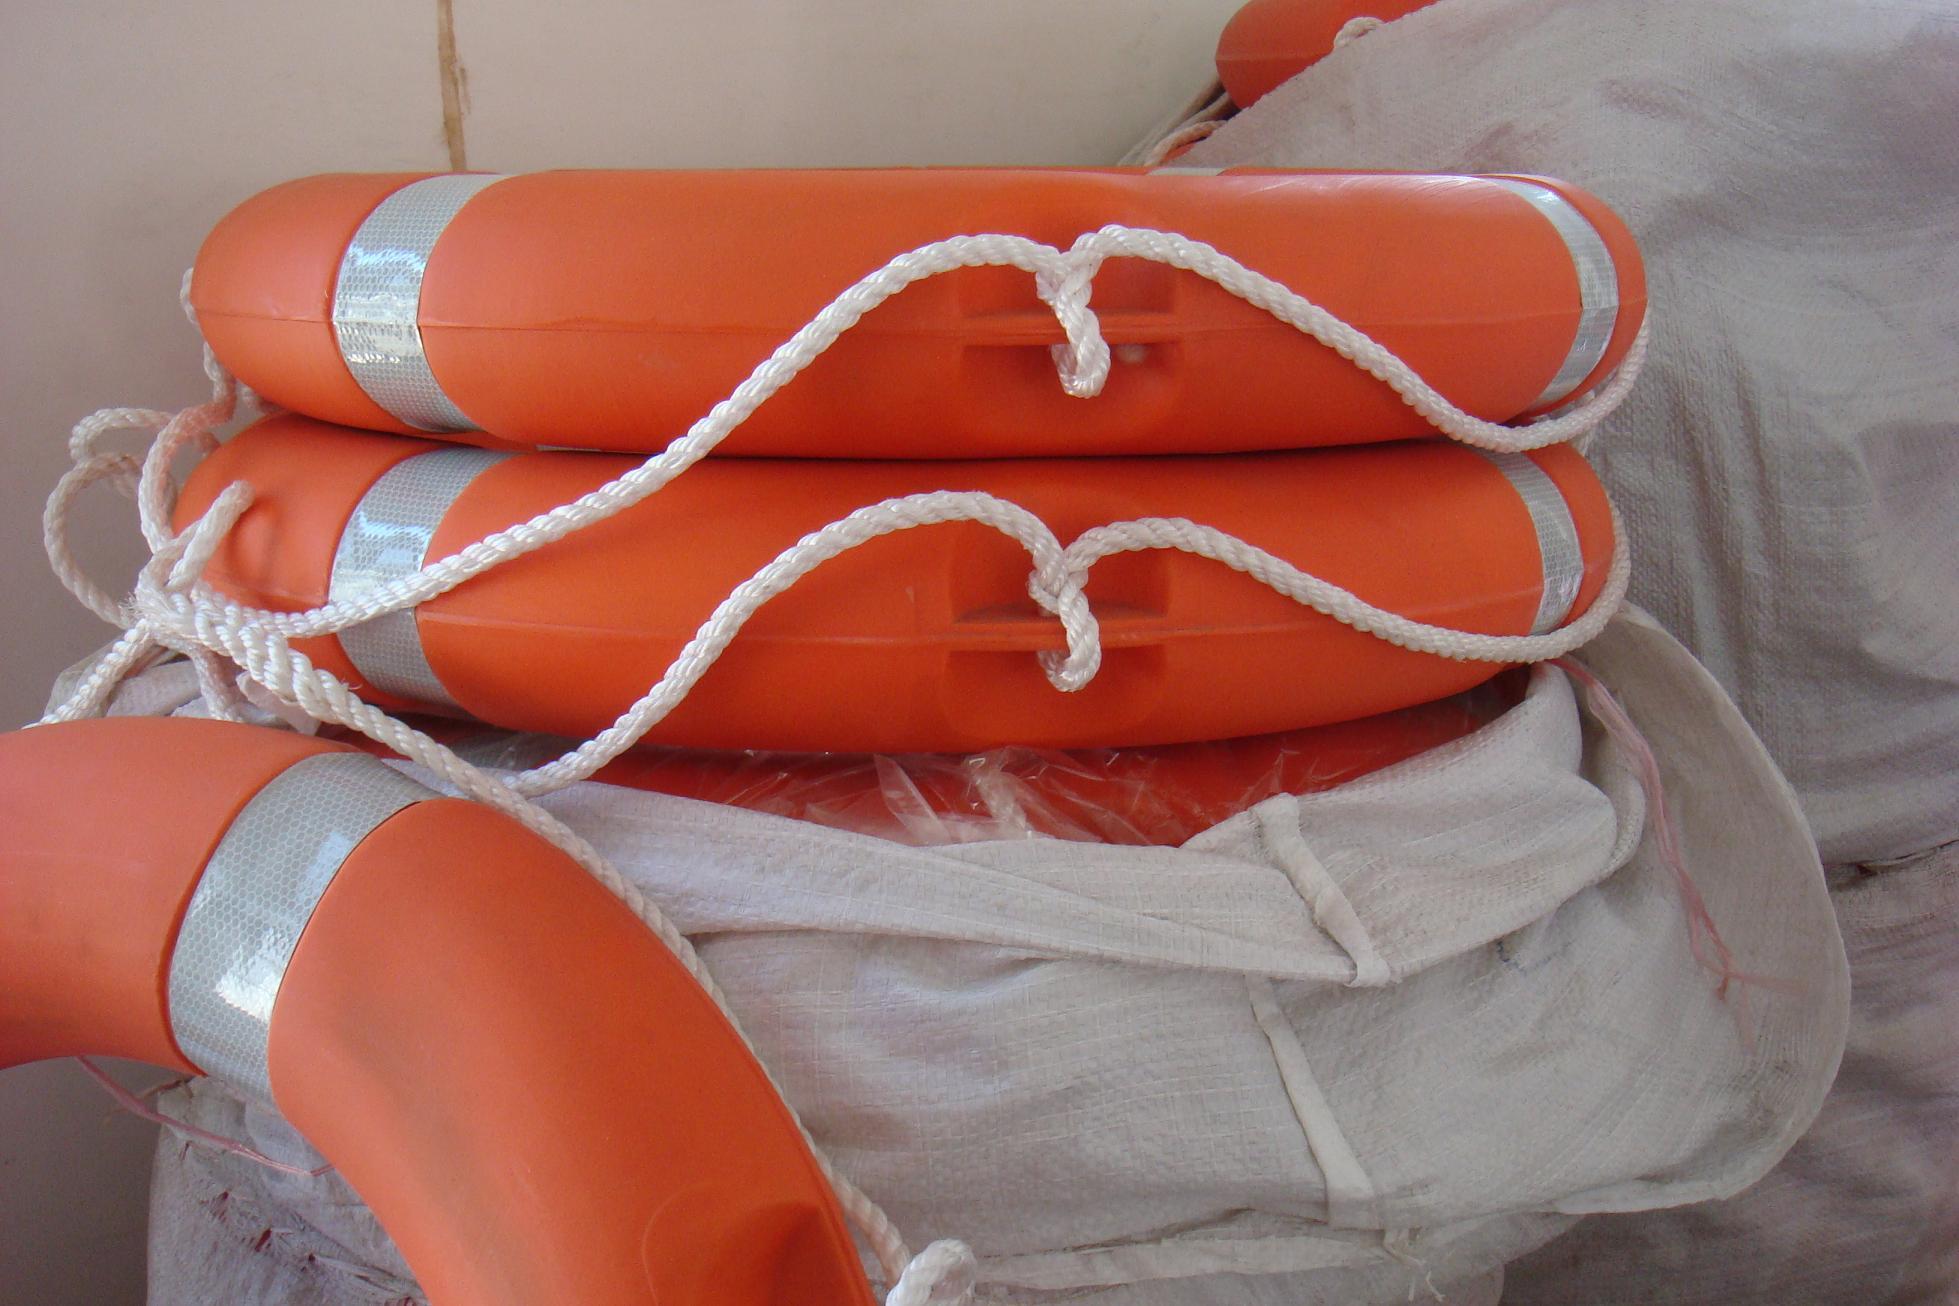 Marine Life Buoy/ 2.5 Kg Lifebuoy/Life Ring